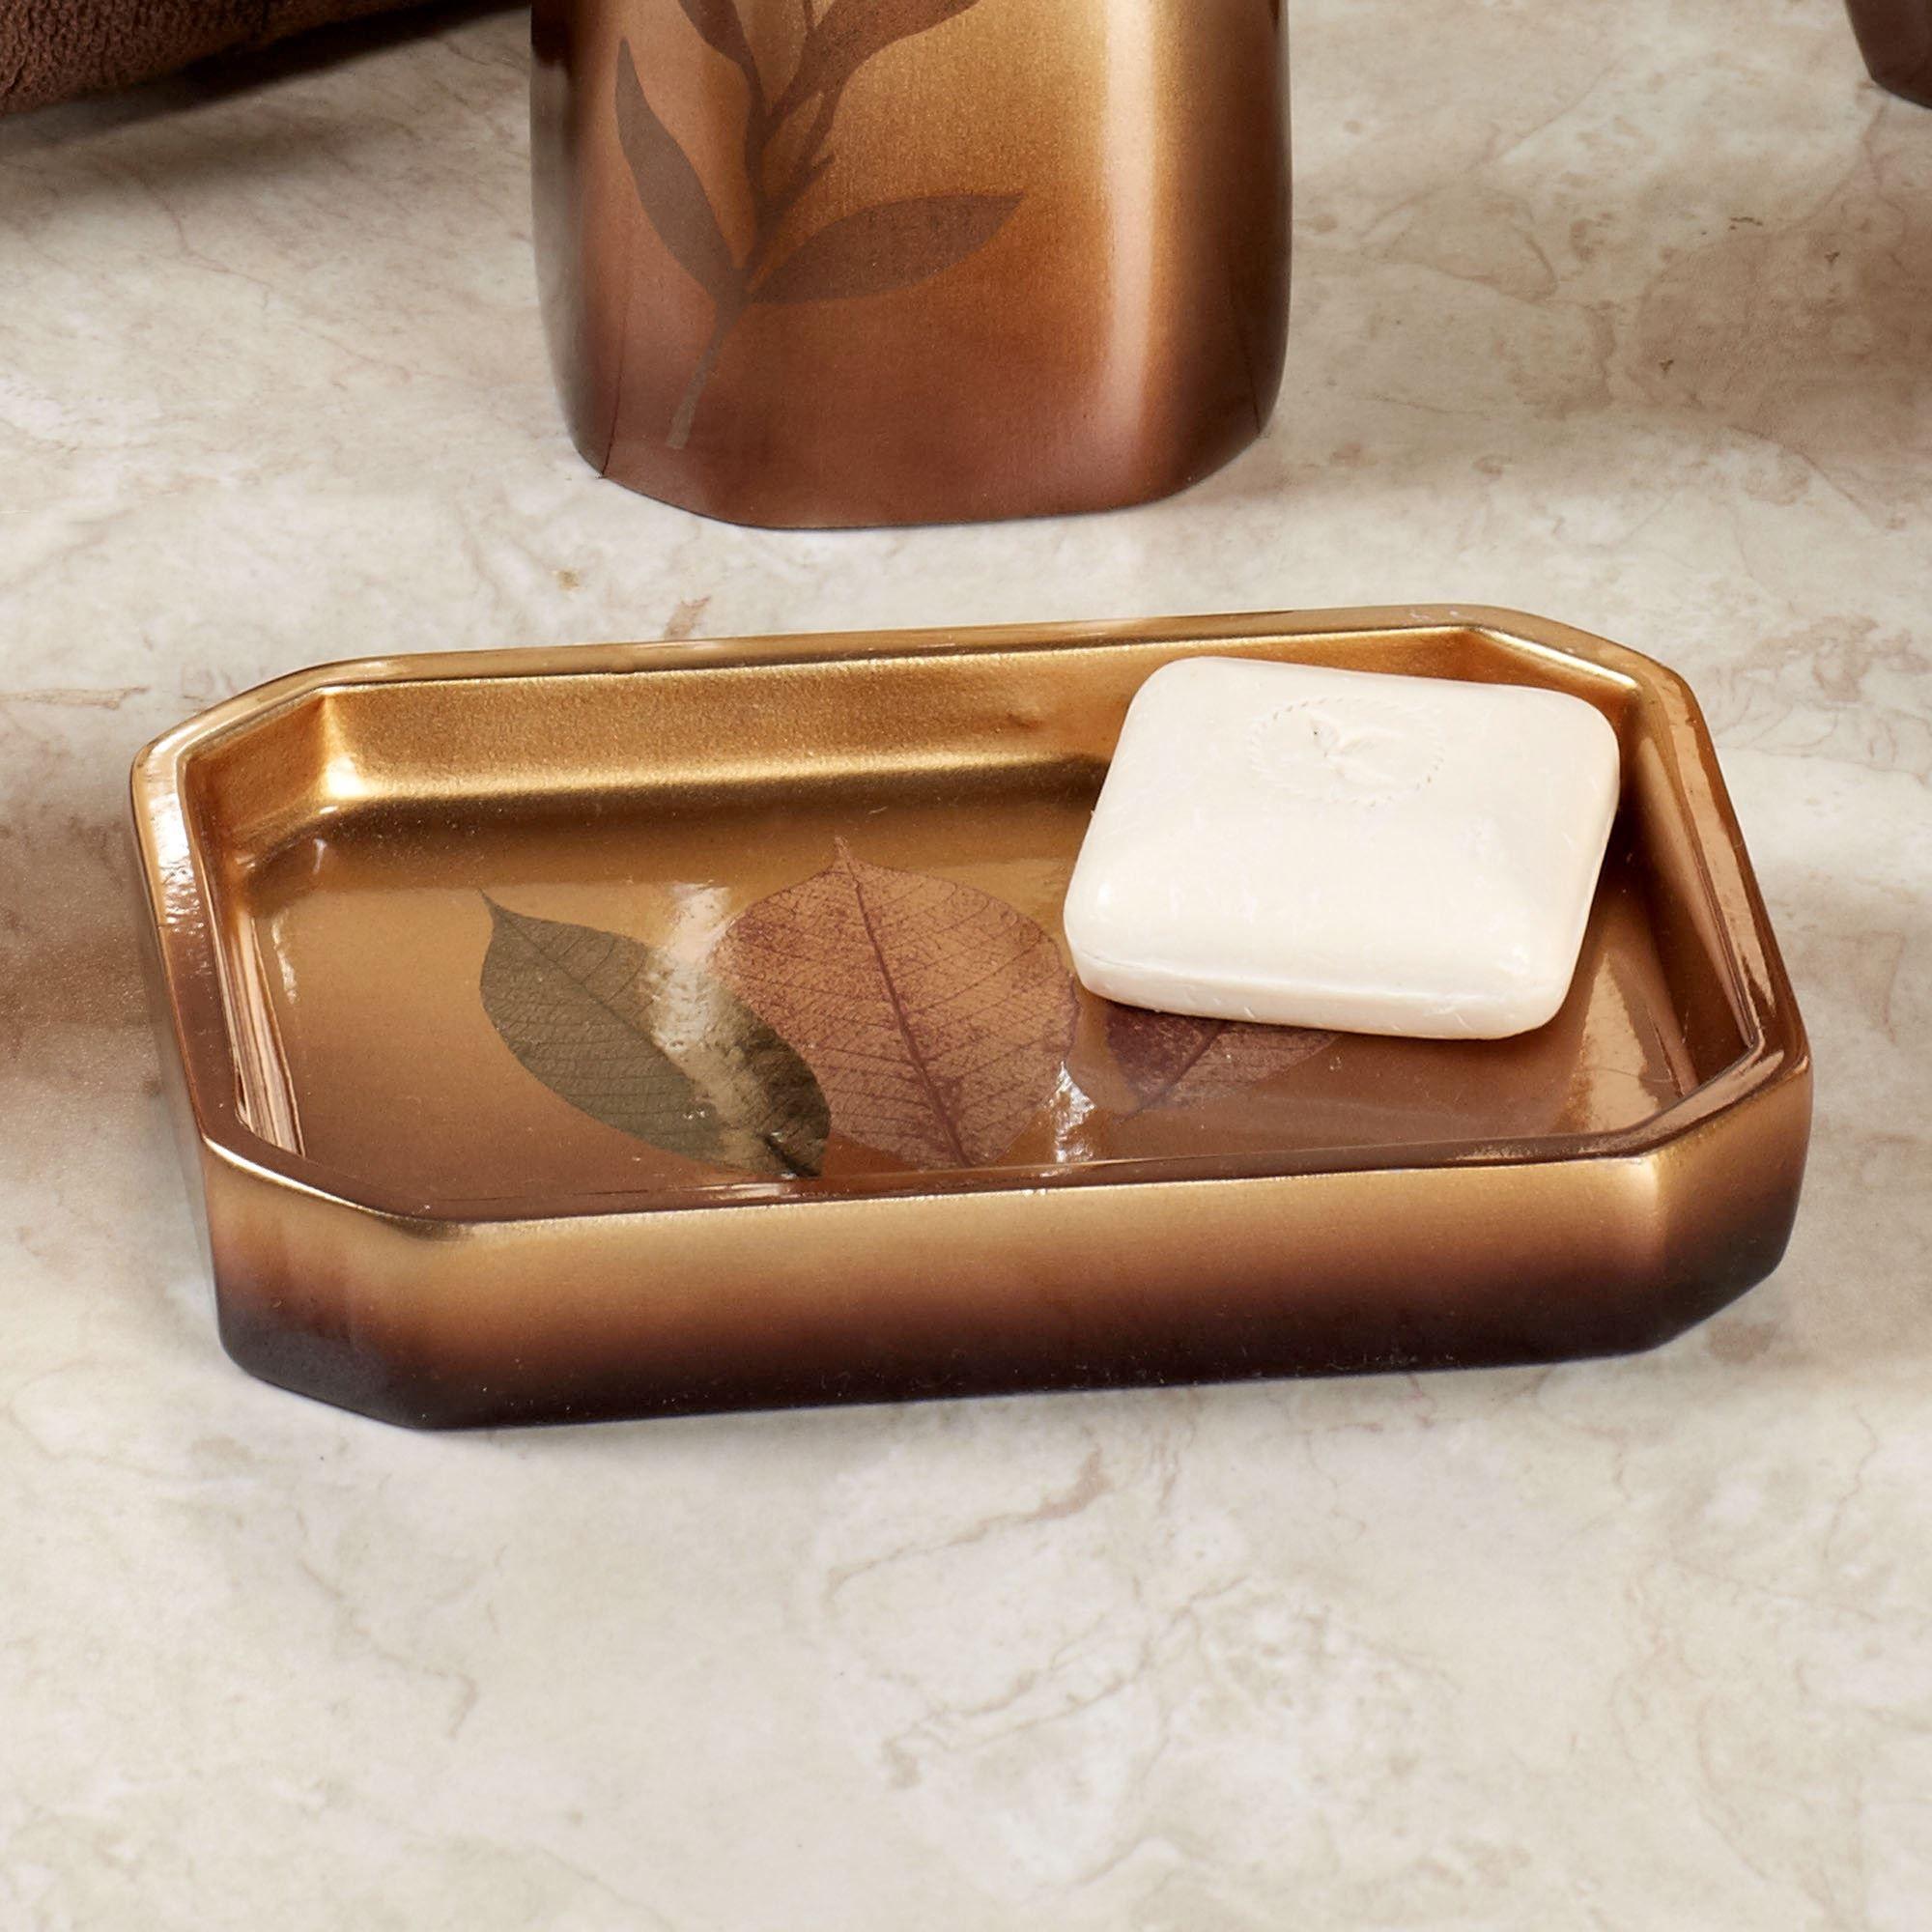 Sheffield Leaf Bath Accessories